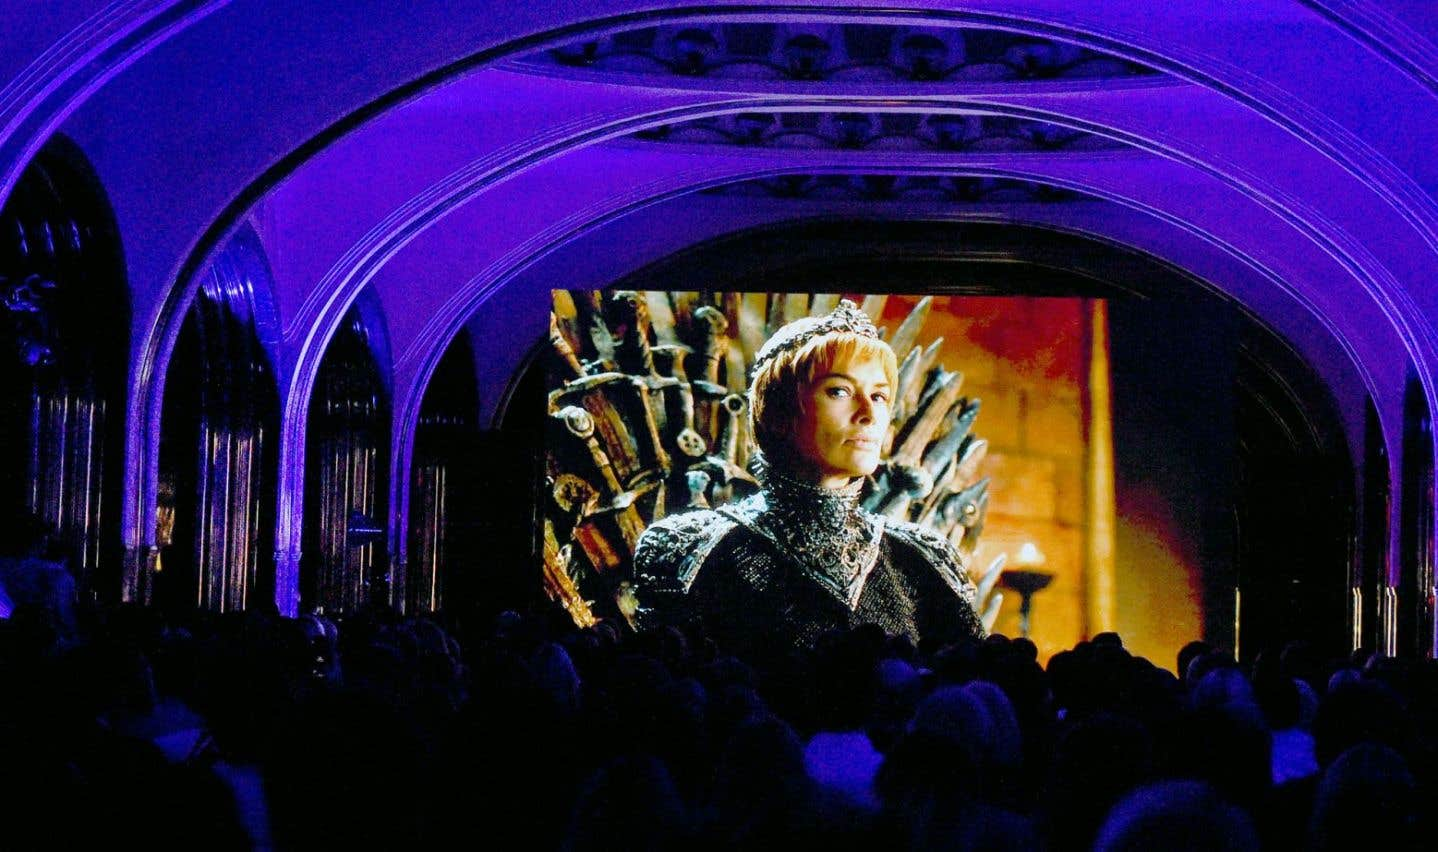 Des partisans de la série «Game of Thrones» regardent le premier épisode de la septième saison.